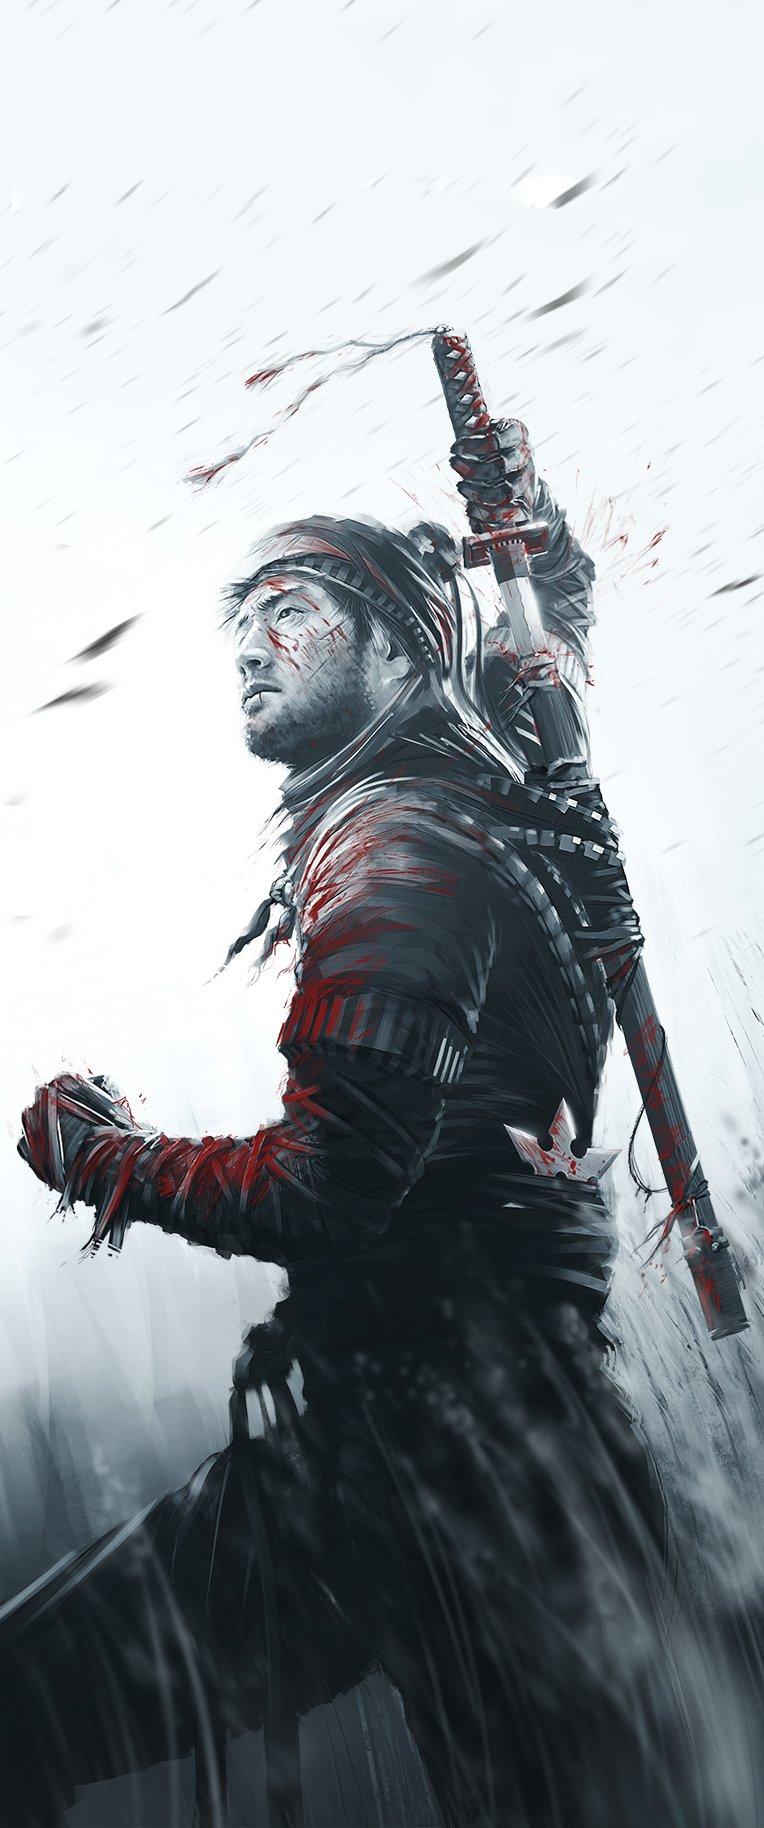 Рецензия на Shadow Tactics: Blades of the Shogun. Обзор игры - Изображение 11